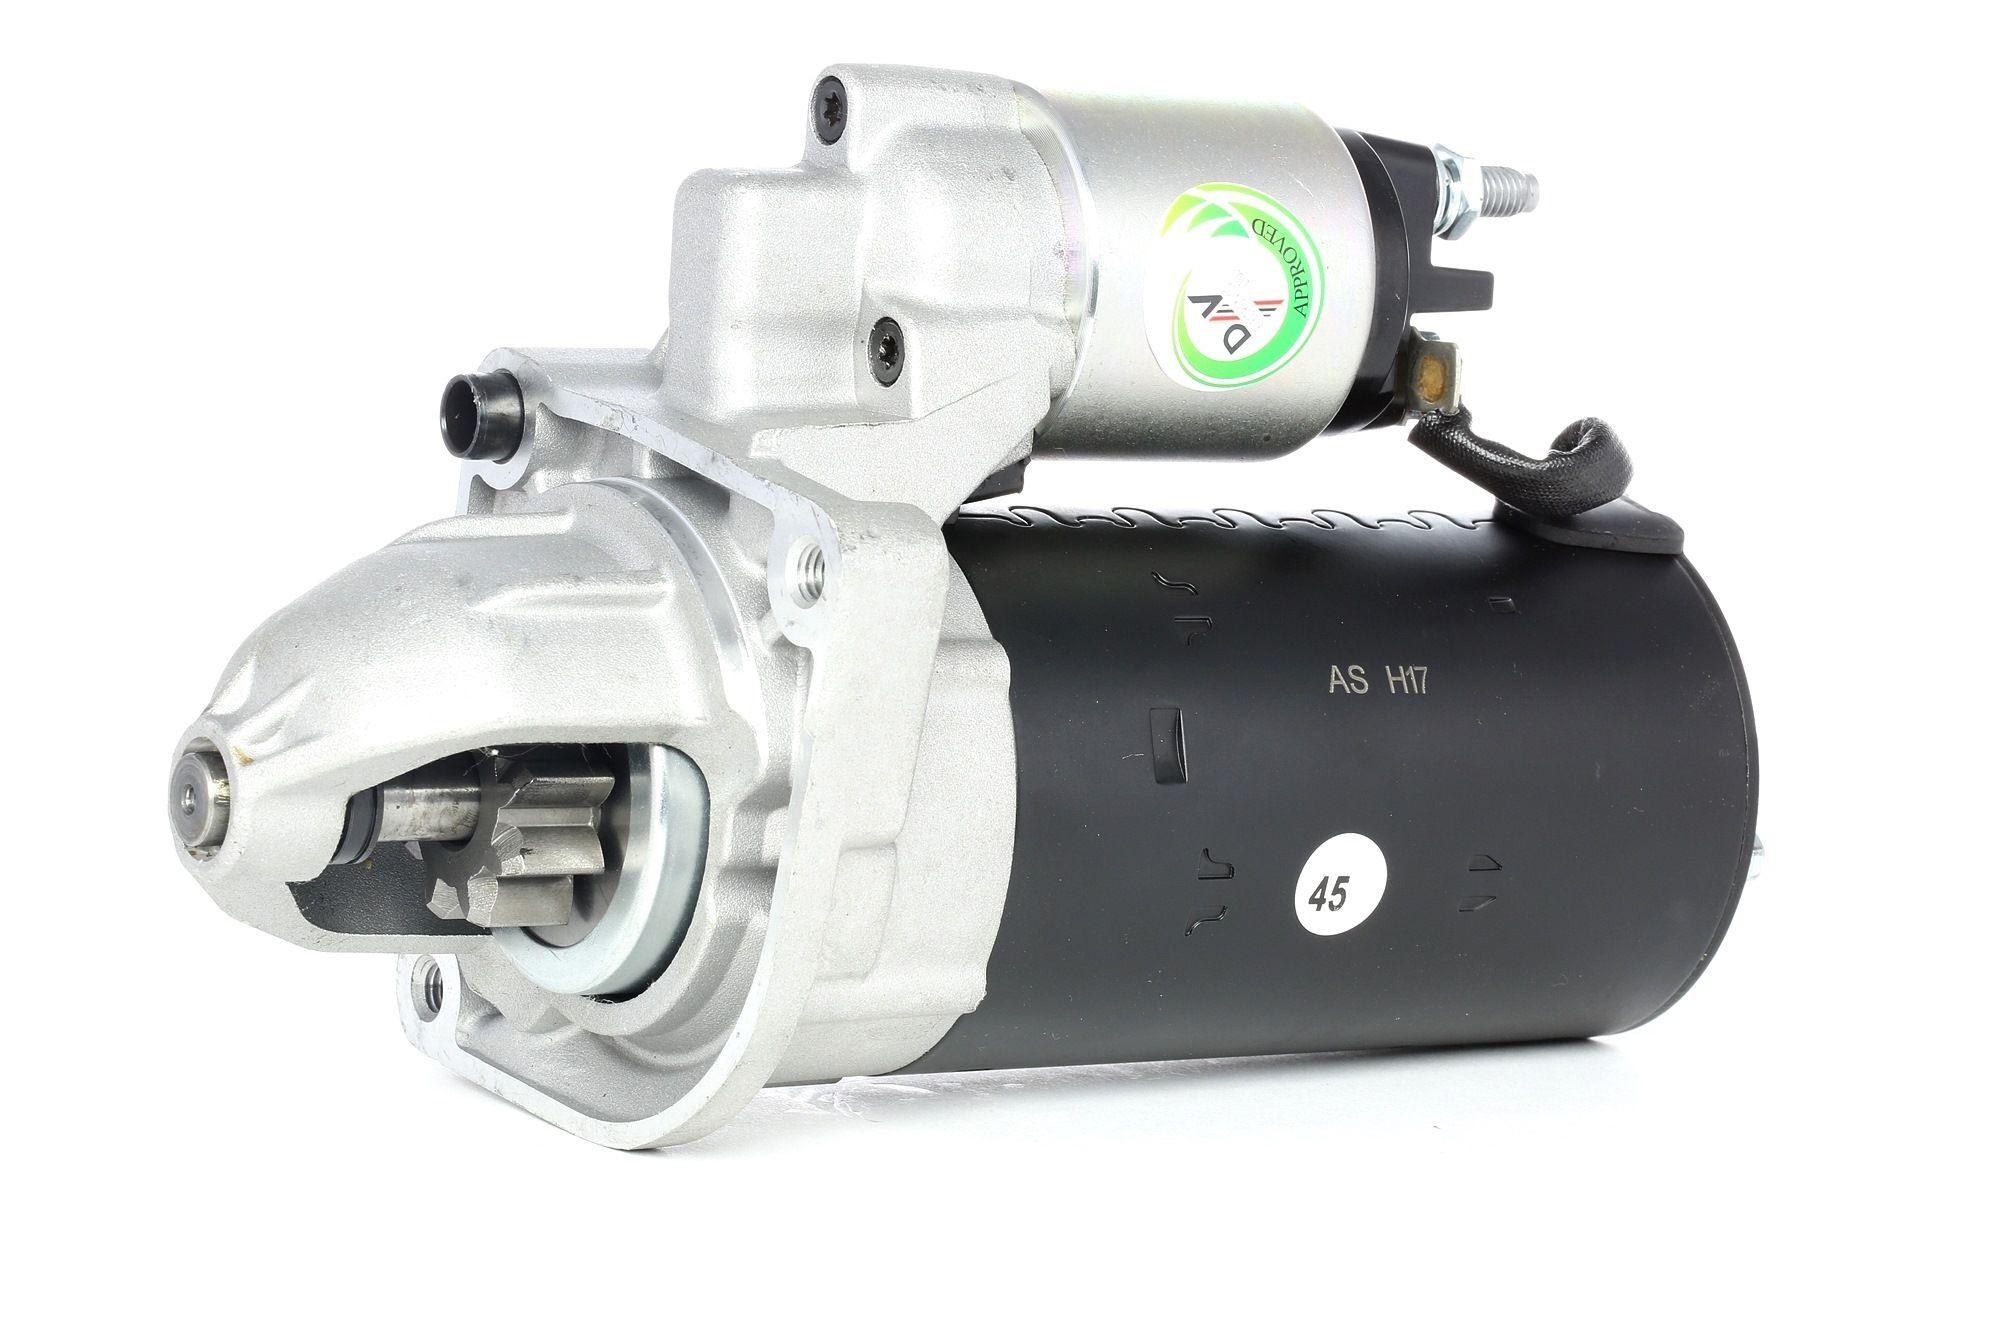 AS-PL Starttimoottori Brand new AS-PL Starter motor 0001223003 S0159 Startti,Käynnistinmoottori FIAT,PEUGEOT,CITROËN,DUCATO Kasten 250